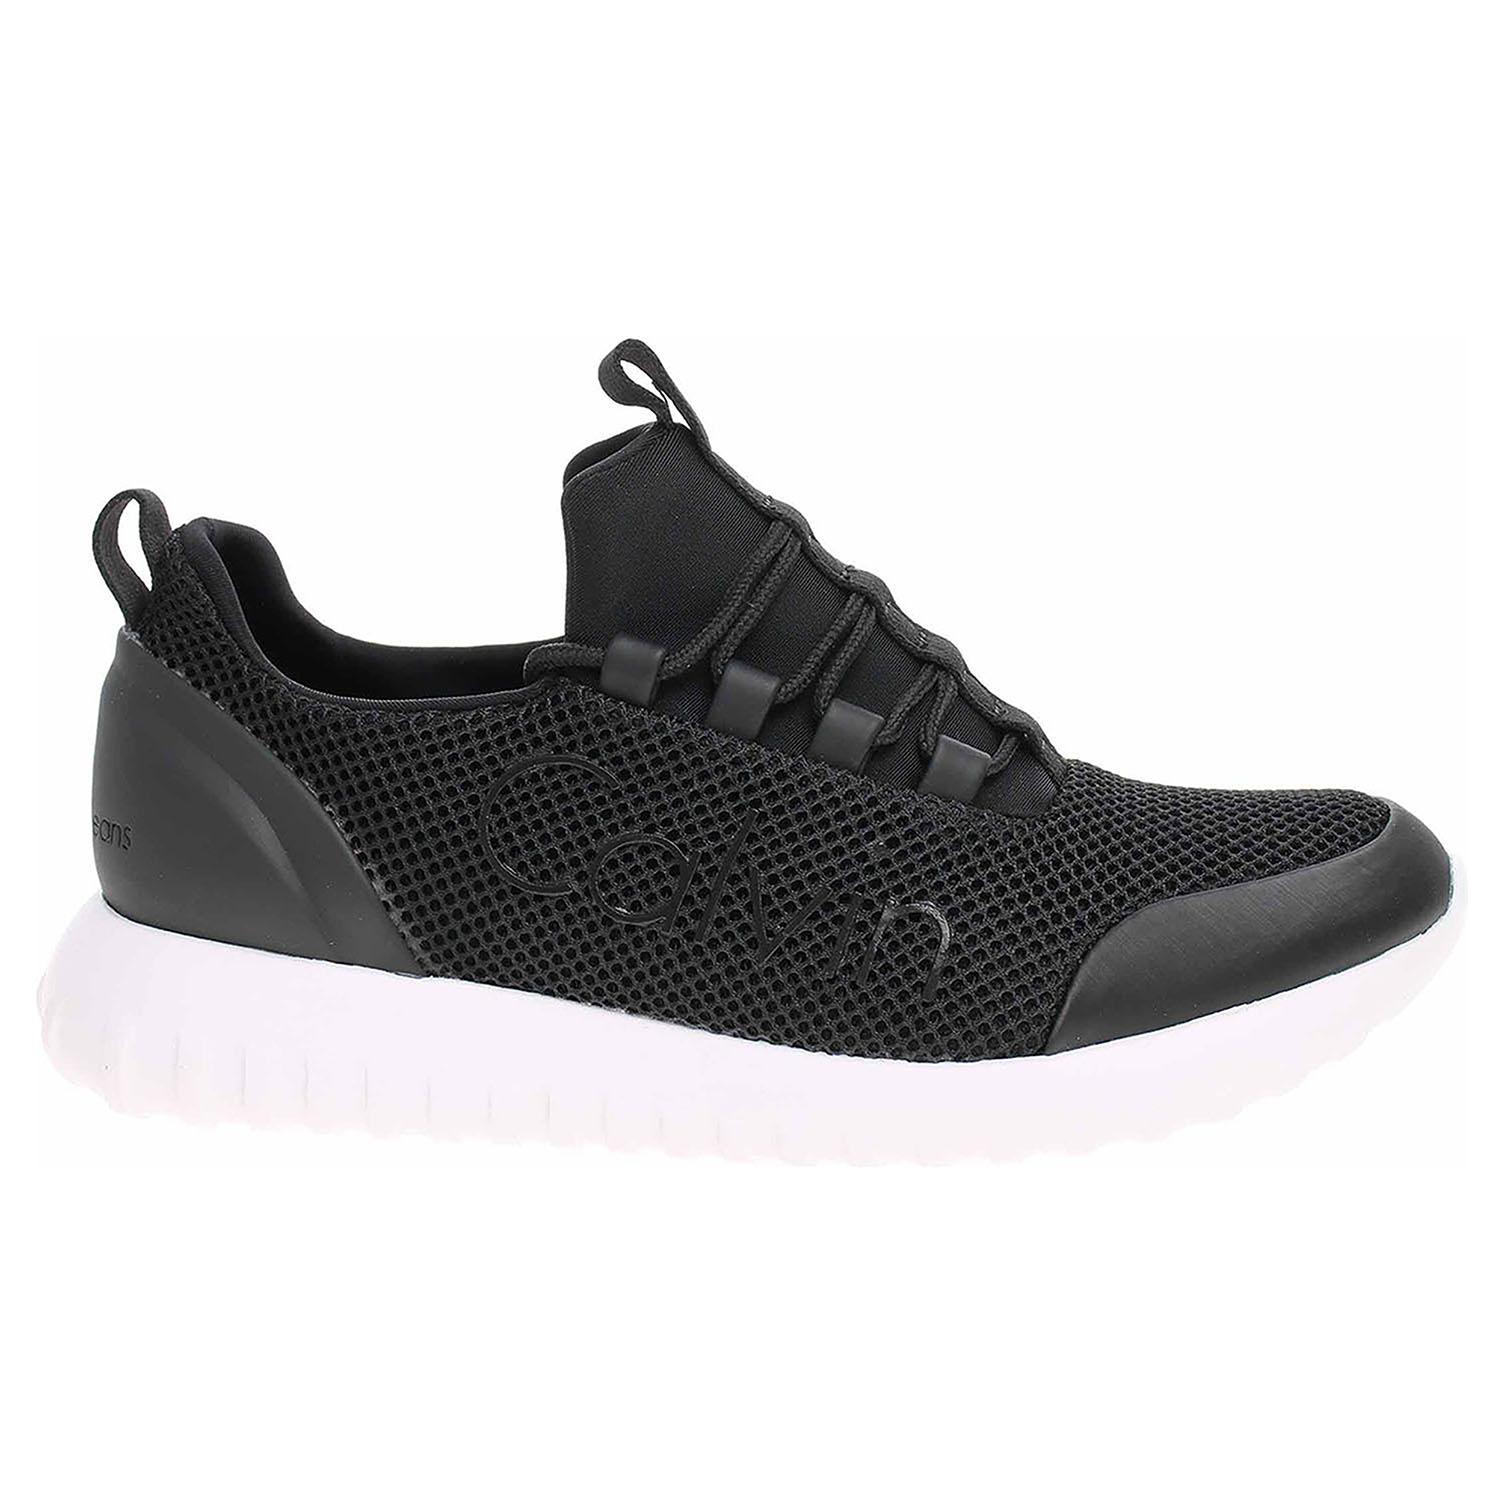 Dámská obuv Calvin Klein YW0YW00165 BDS black YW0YW00165 BDS 39